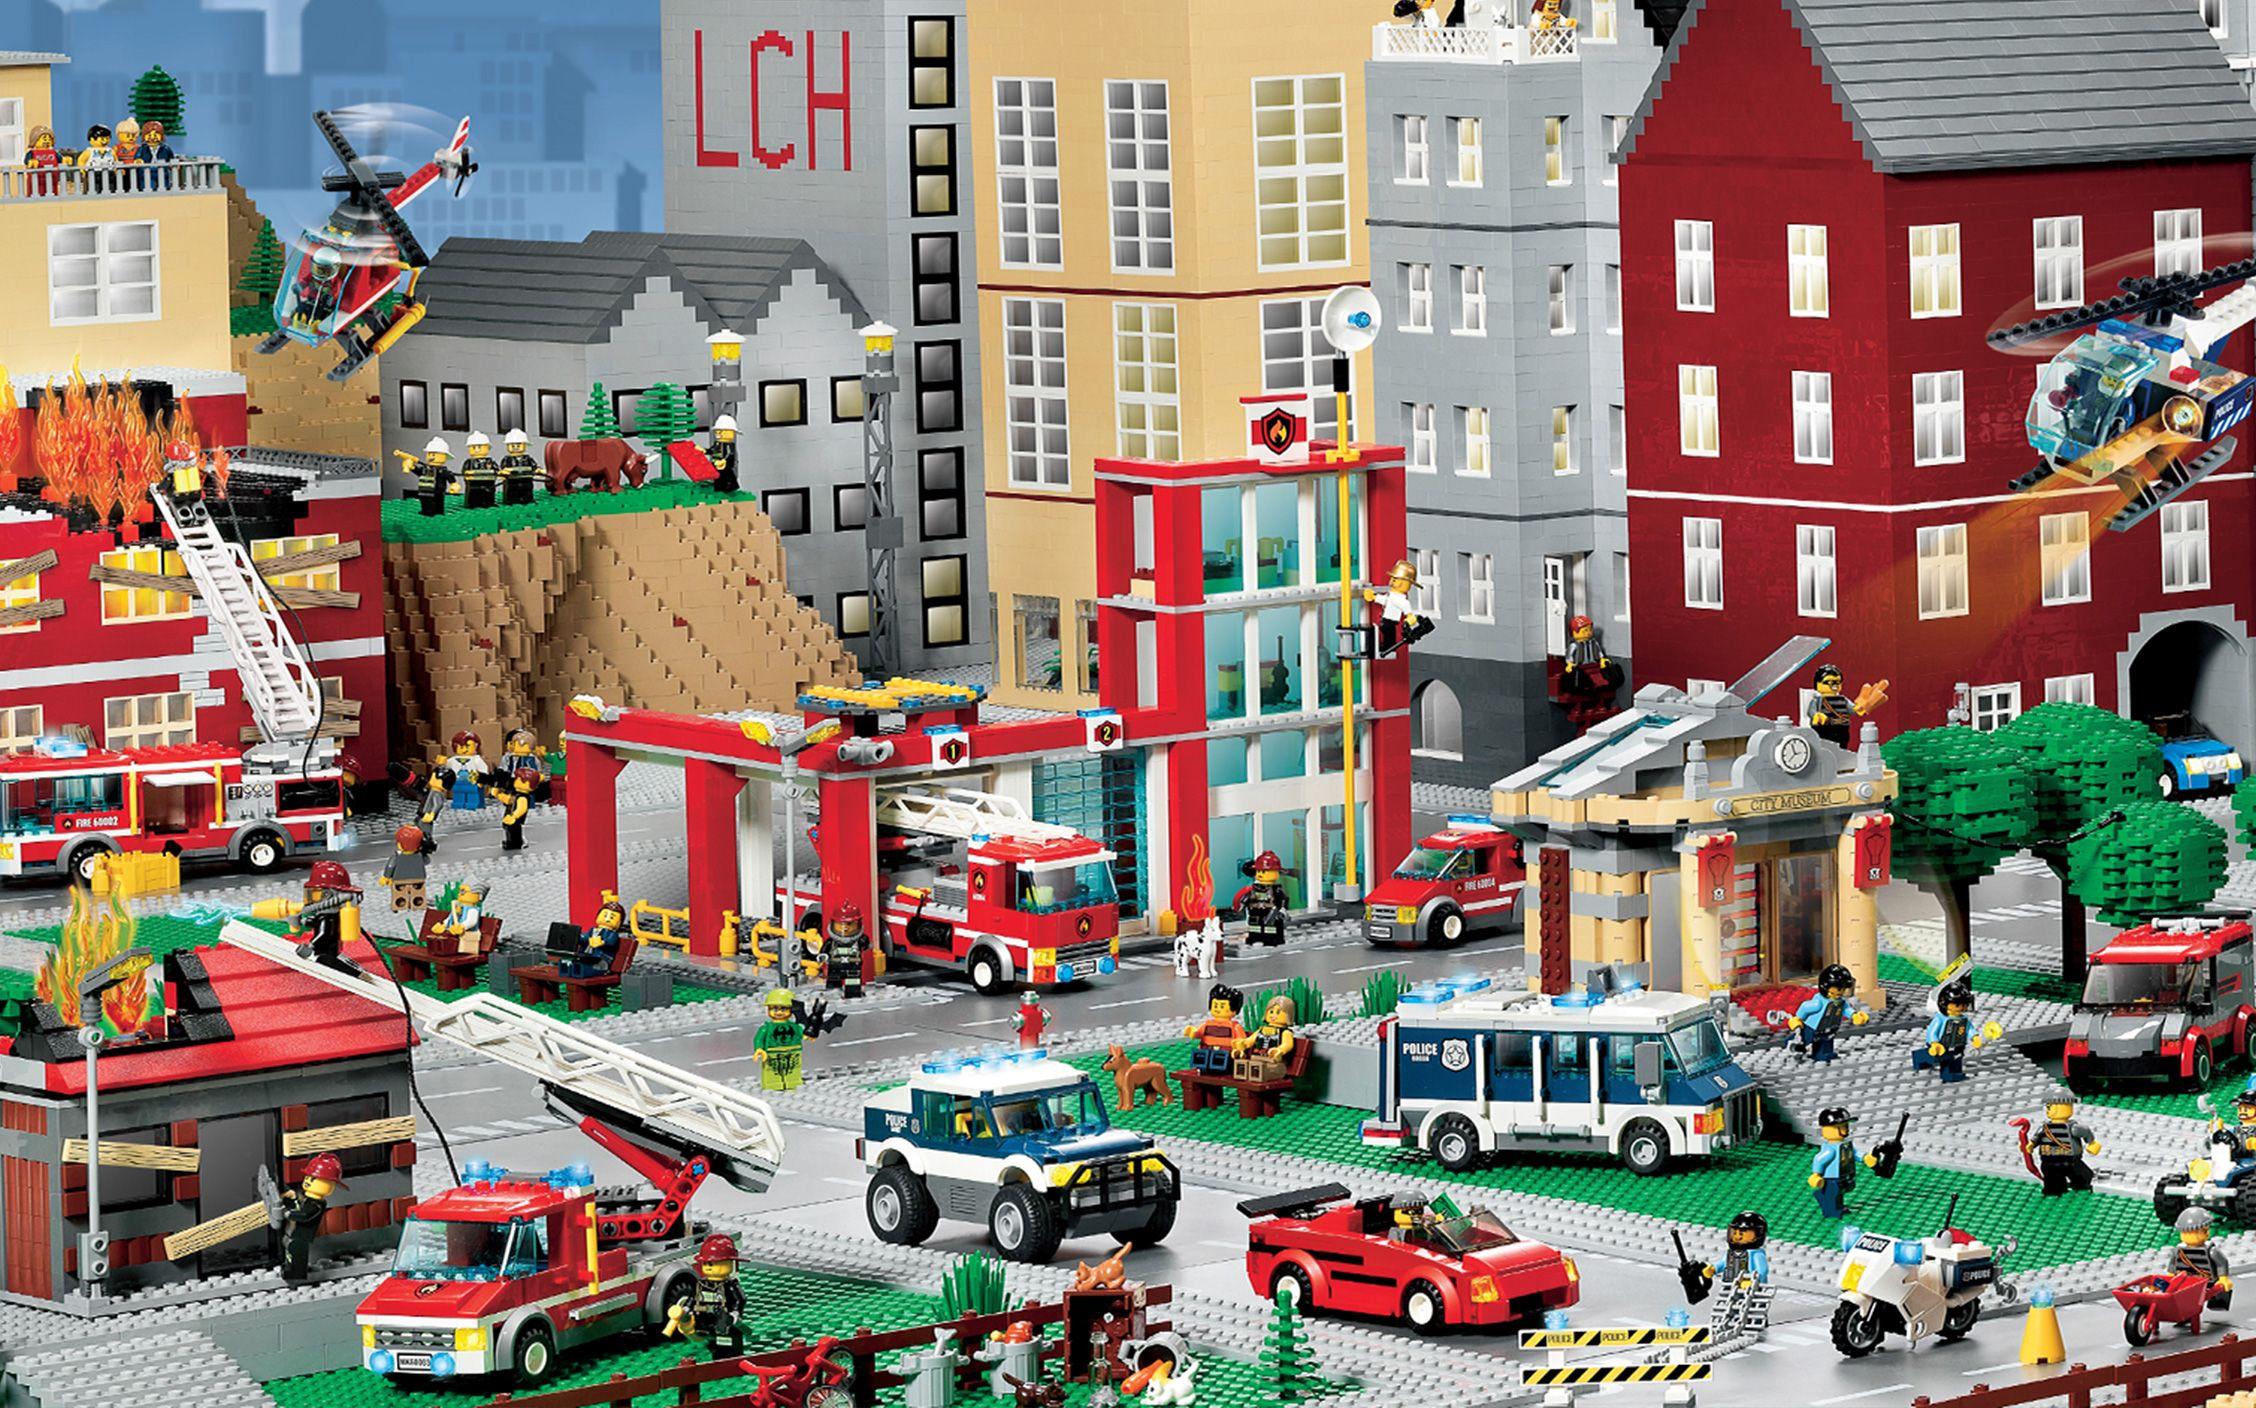 Lego City Poster Buscar Con Google